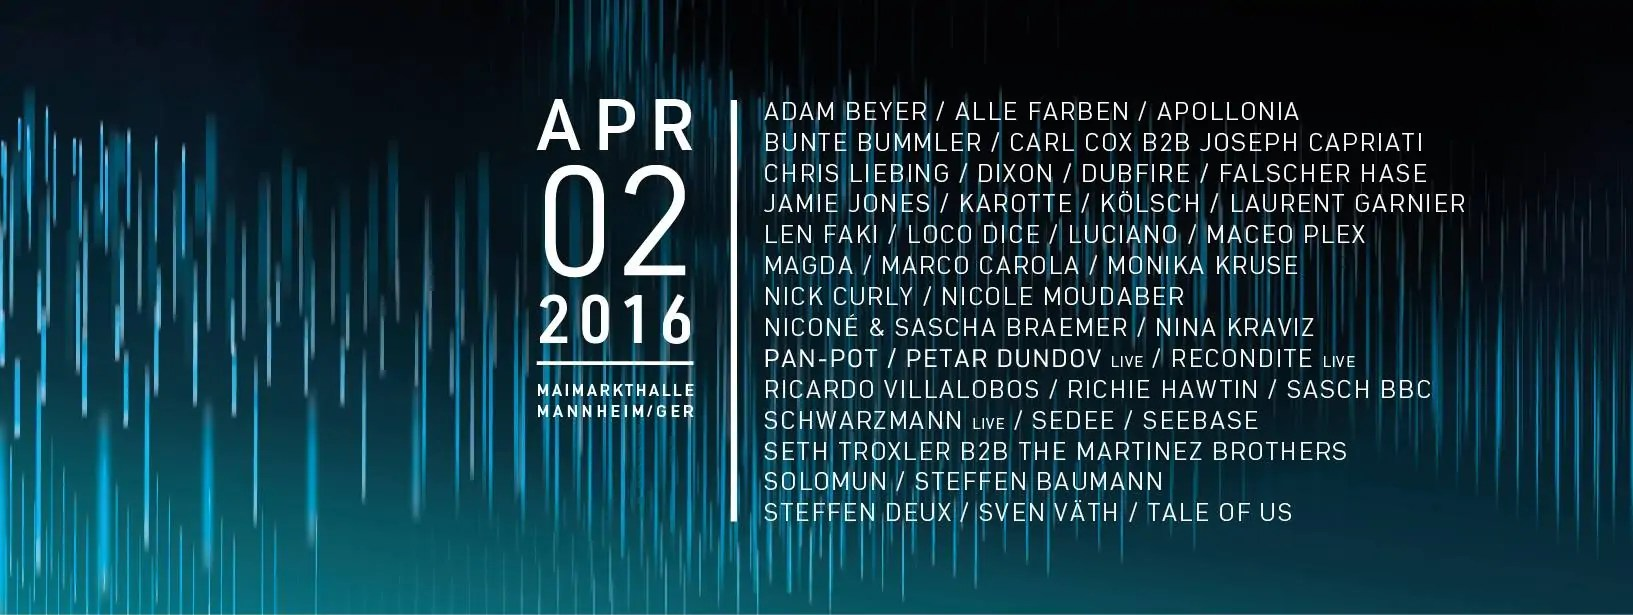 Time Warp Mannheim 2016